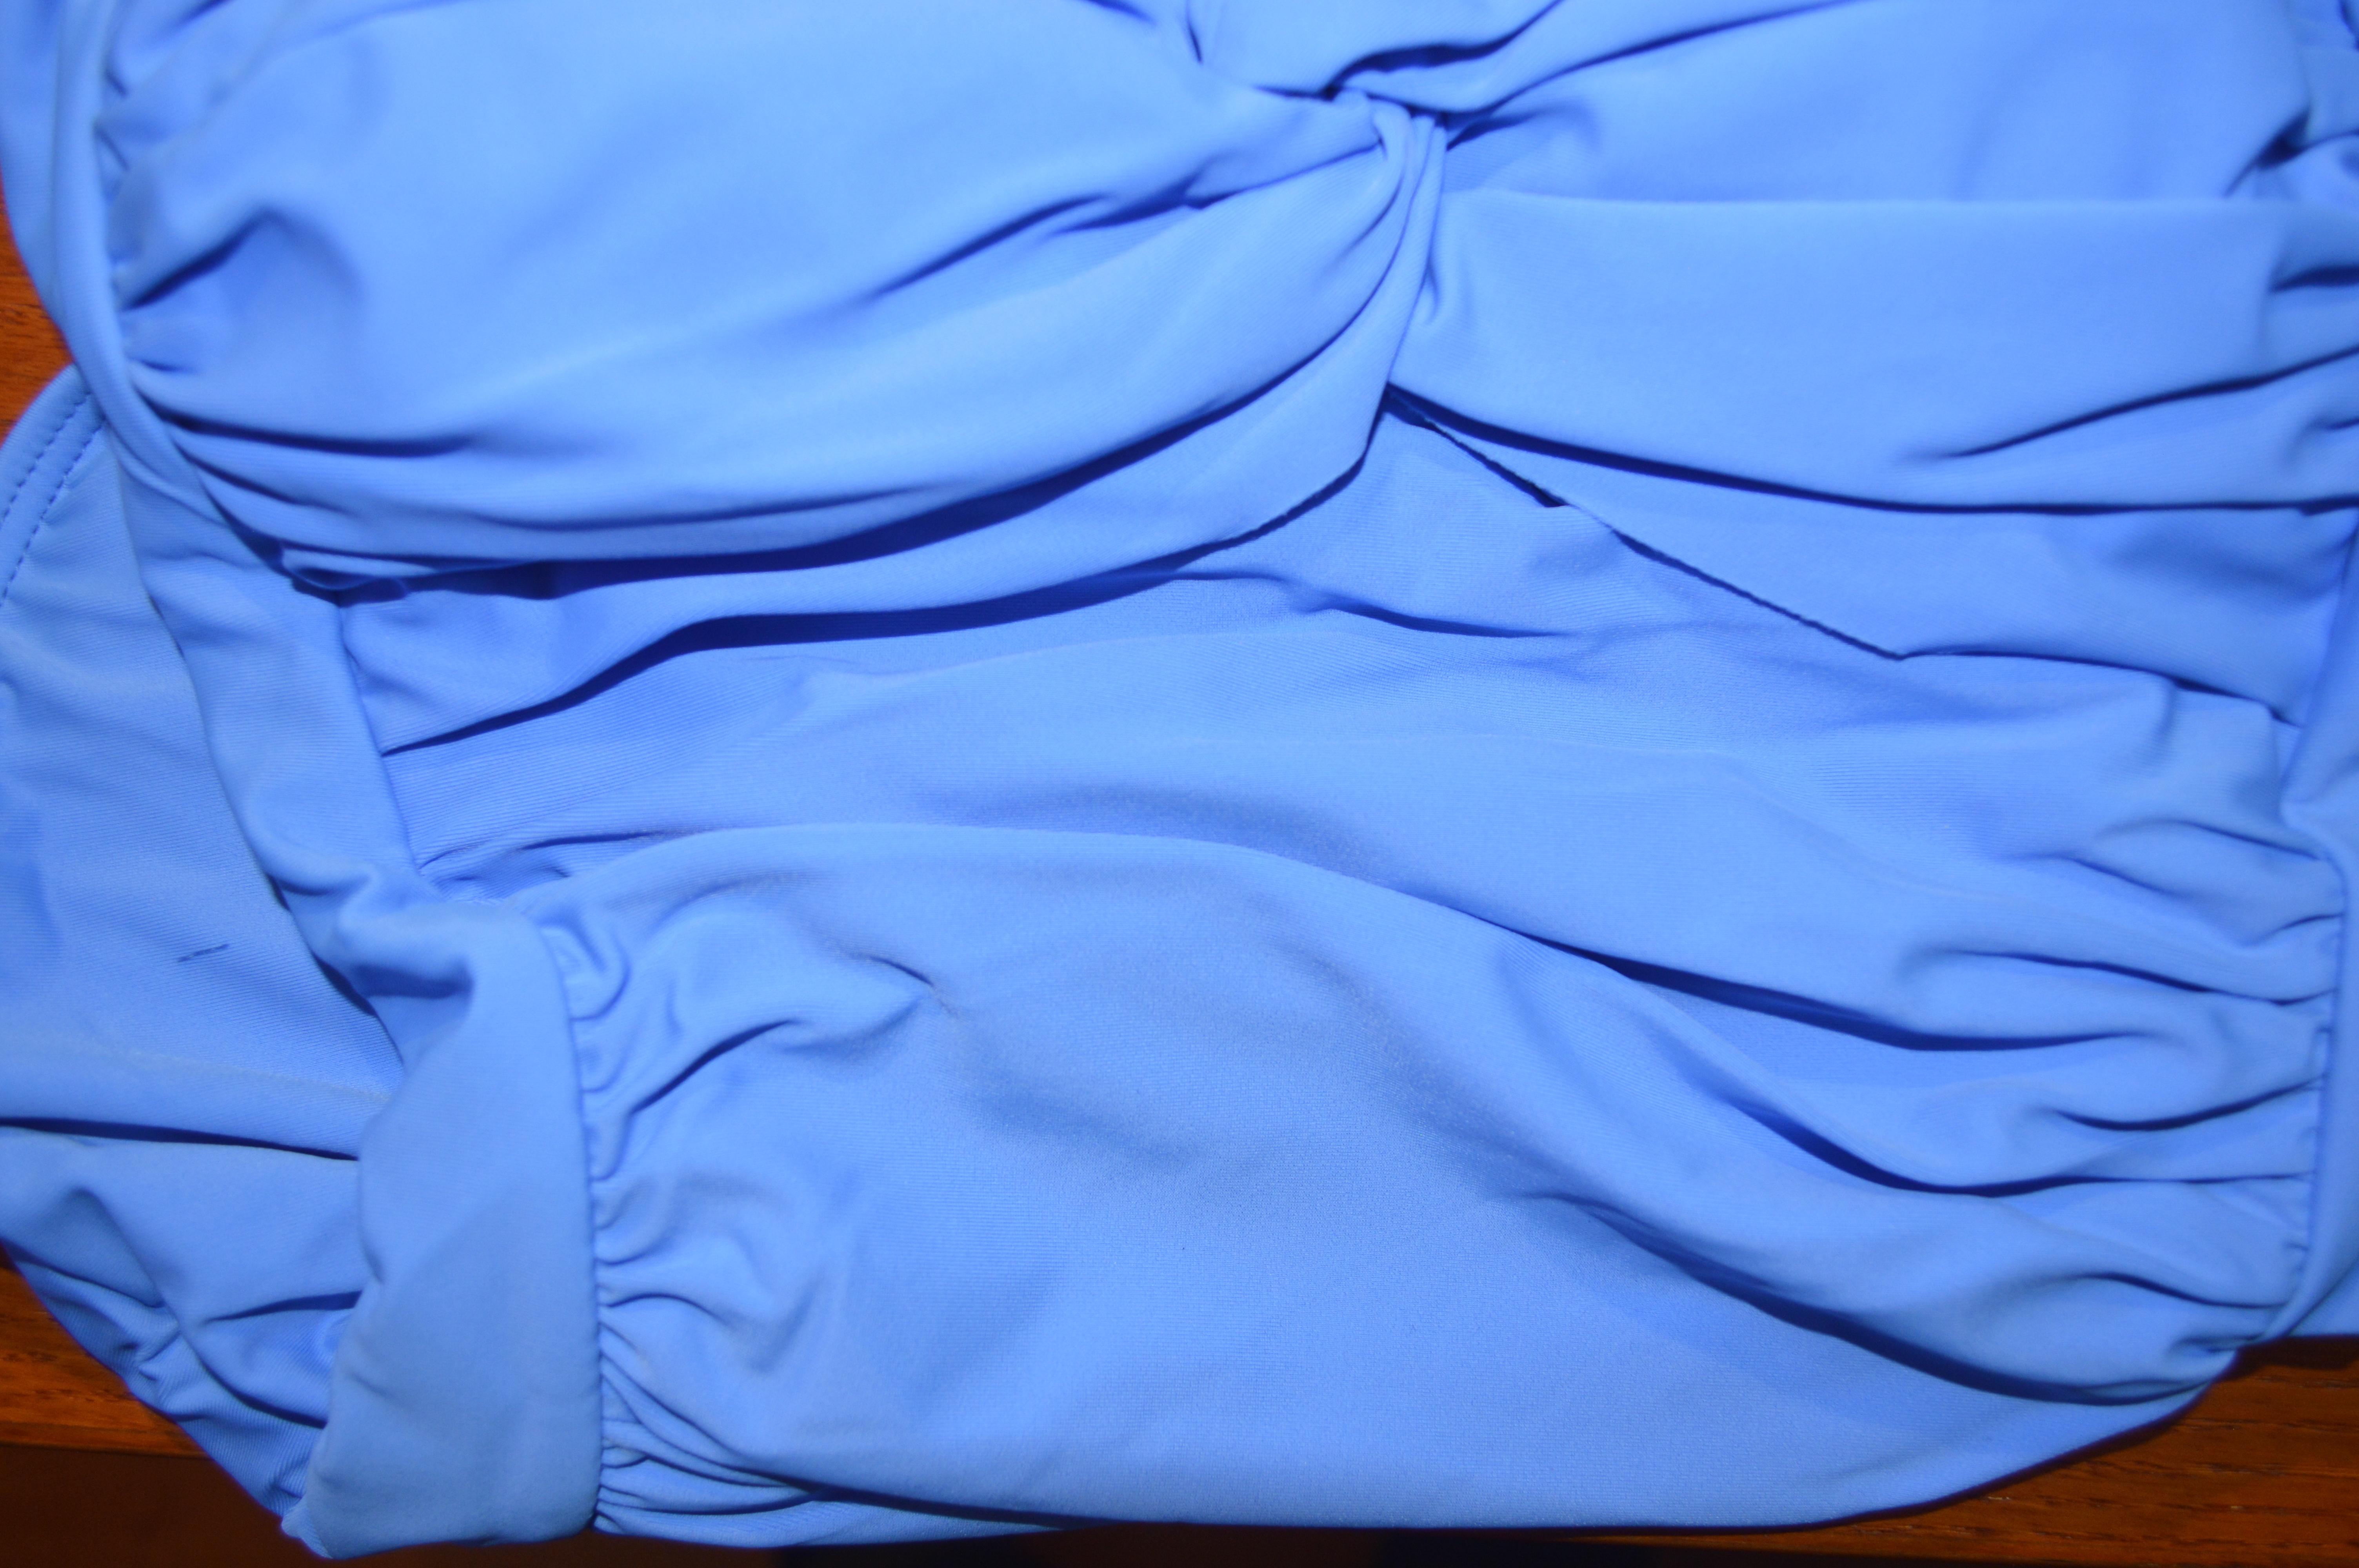 Badpak Bomain in licht blauw